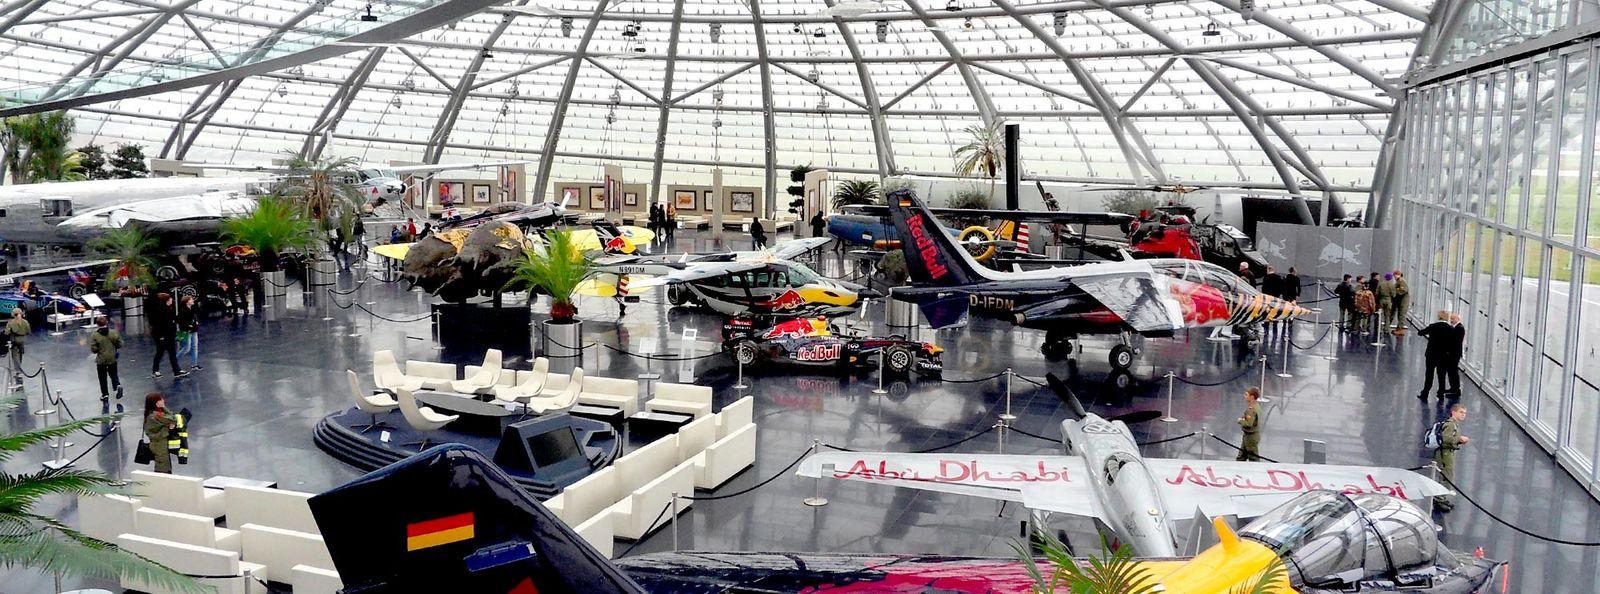 Hubschrauberflug Zum Hangar-7 mit Hubschrauber Rundflug Salzburg